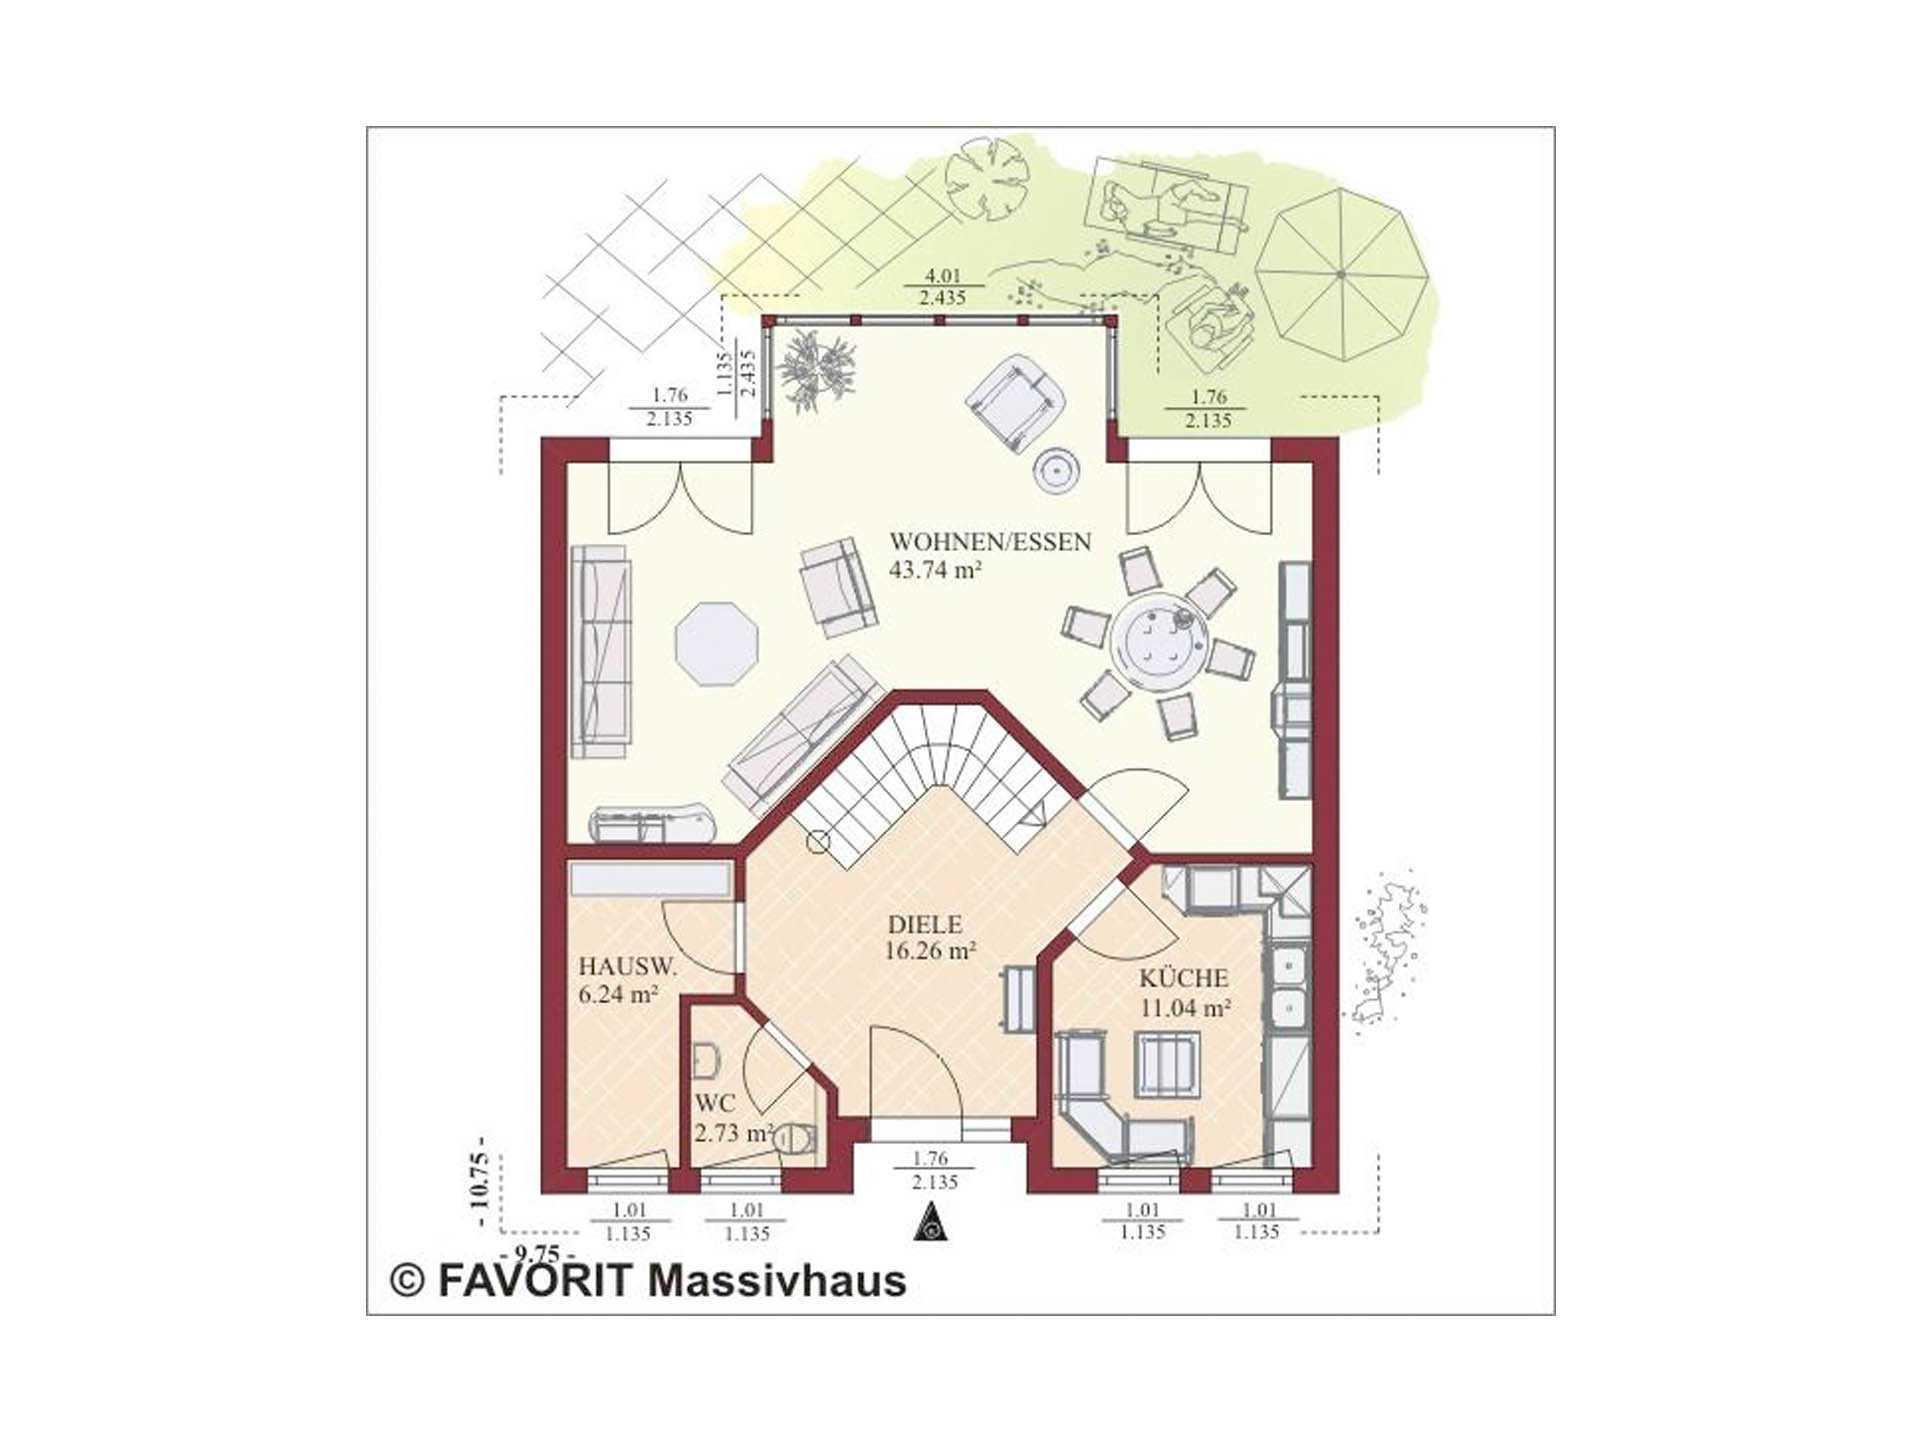 noblesse 155 favorit massivhaus. Black Bedroom Furniture Sets. Home Design Ideas